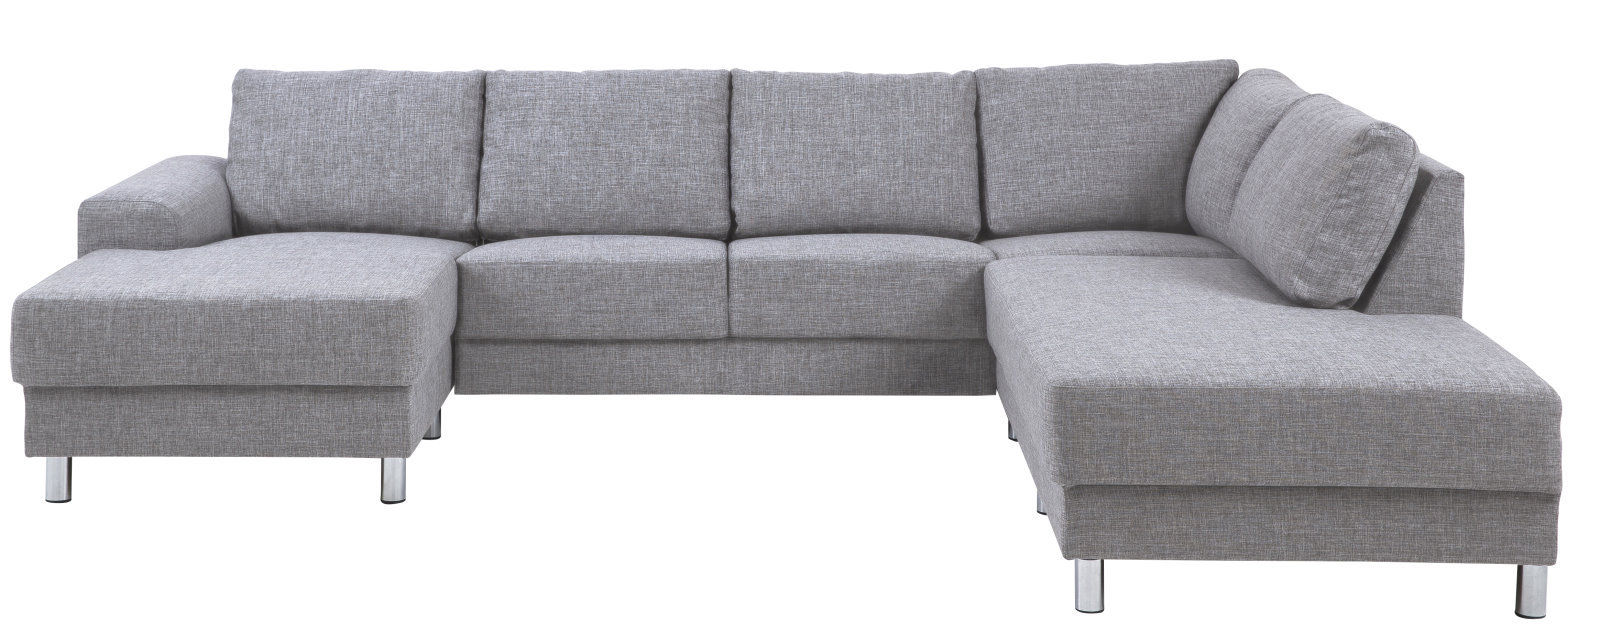 Pkline sofa in hellgrau couch zweisitzer m bel chaiselounge wohnlandschaft ebay - Mobel de wohnlandschaft ...